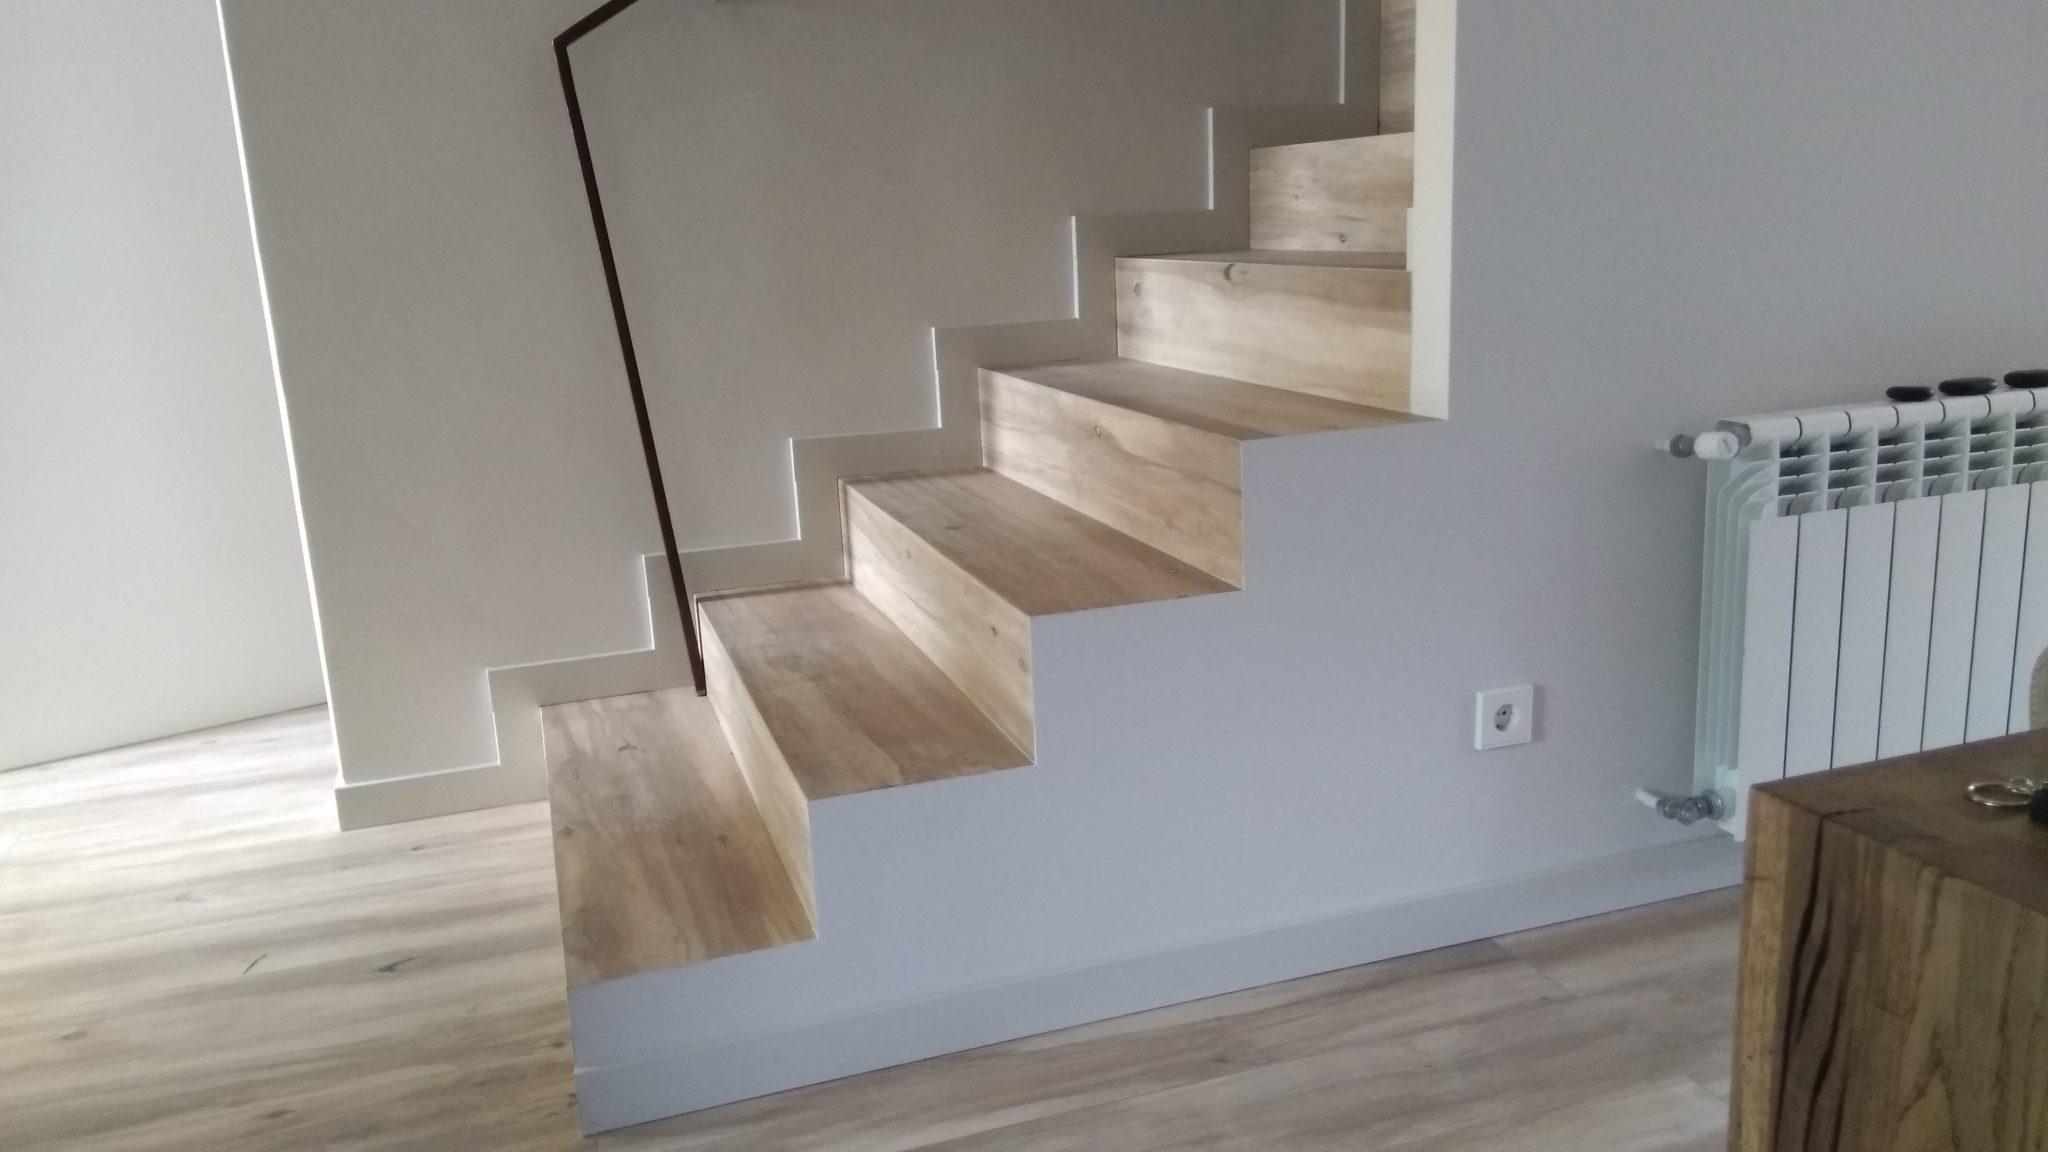 Escaleras de gres porcelanico stunning ambiente serie - Peldanos escalera imitacion madera ...